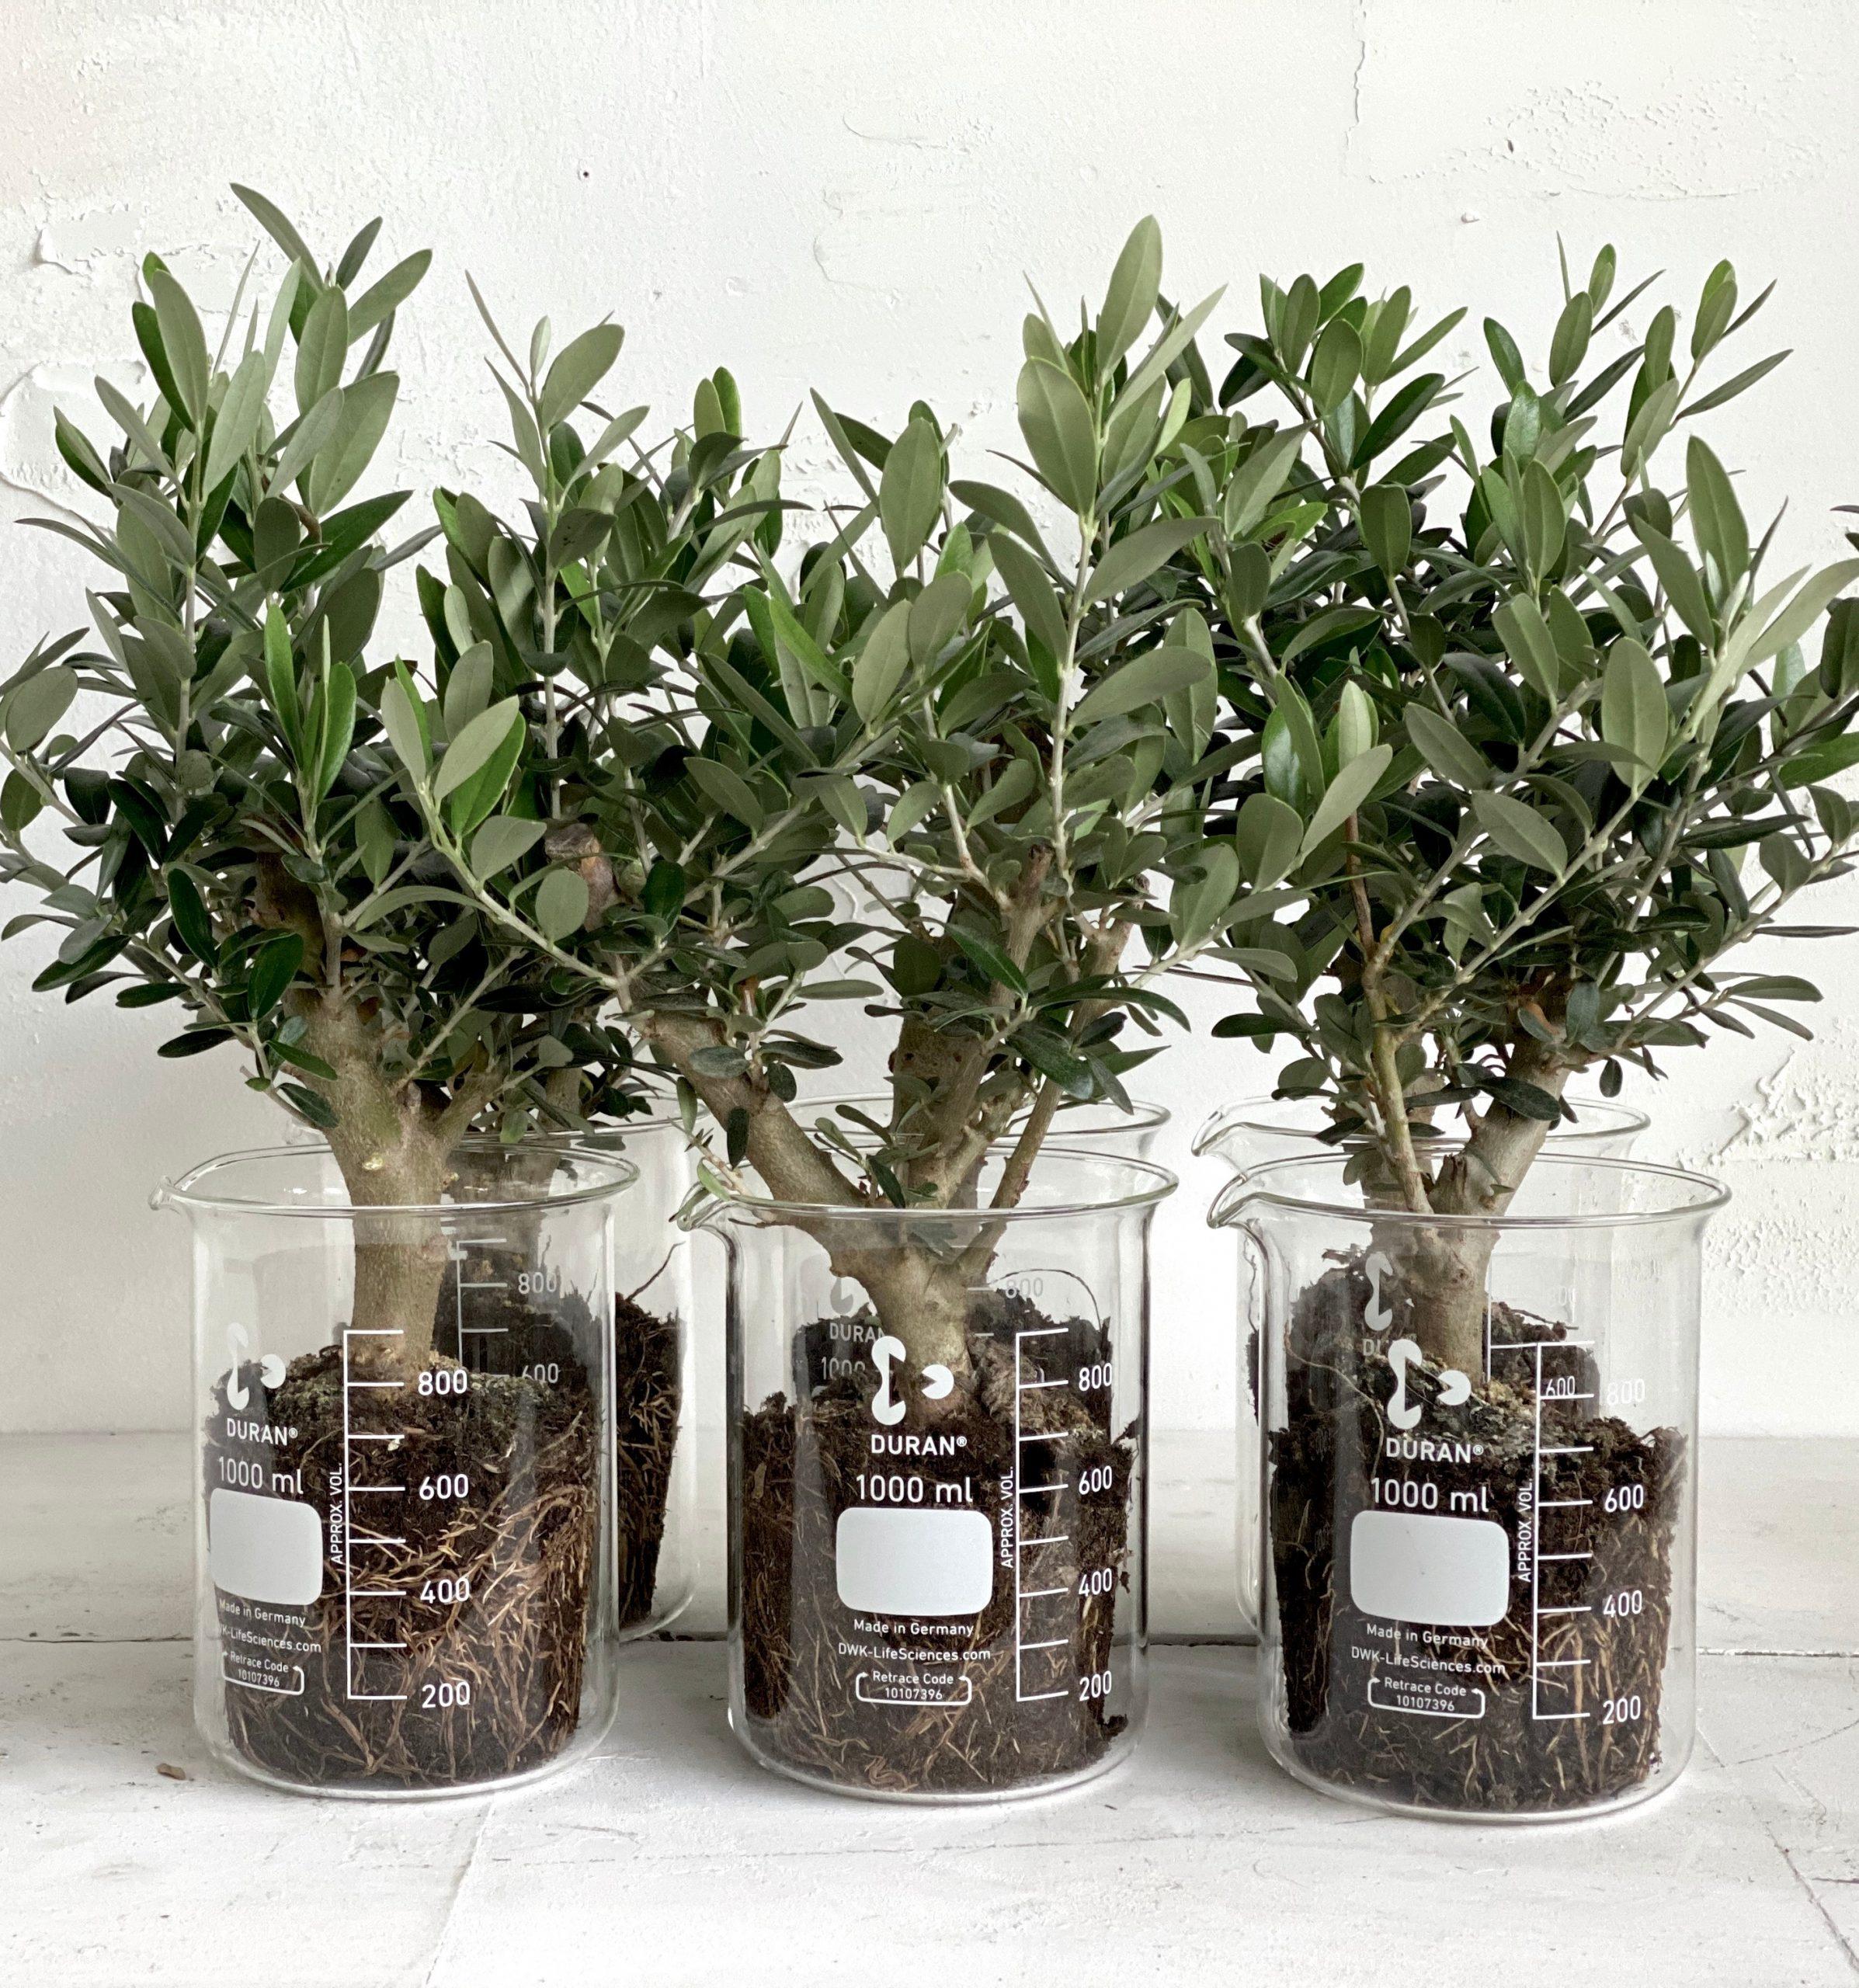 צמח לבית ולמשרד בעיצוב מיוחד וקסום עץ זית בכלי מעבדה